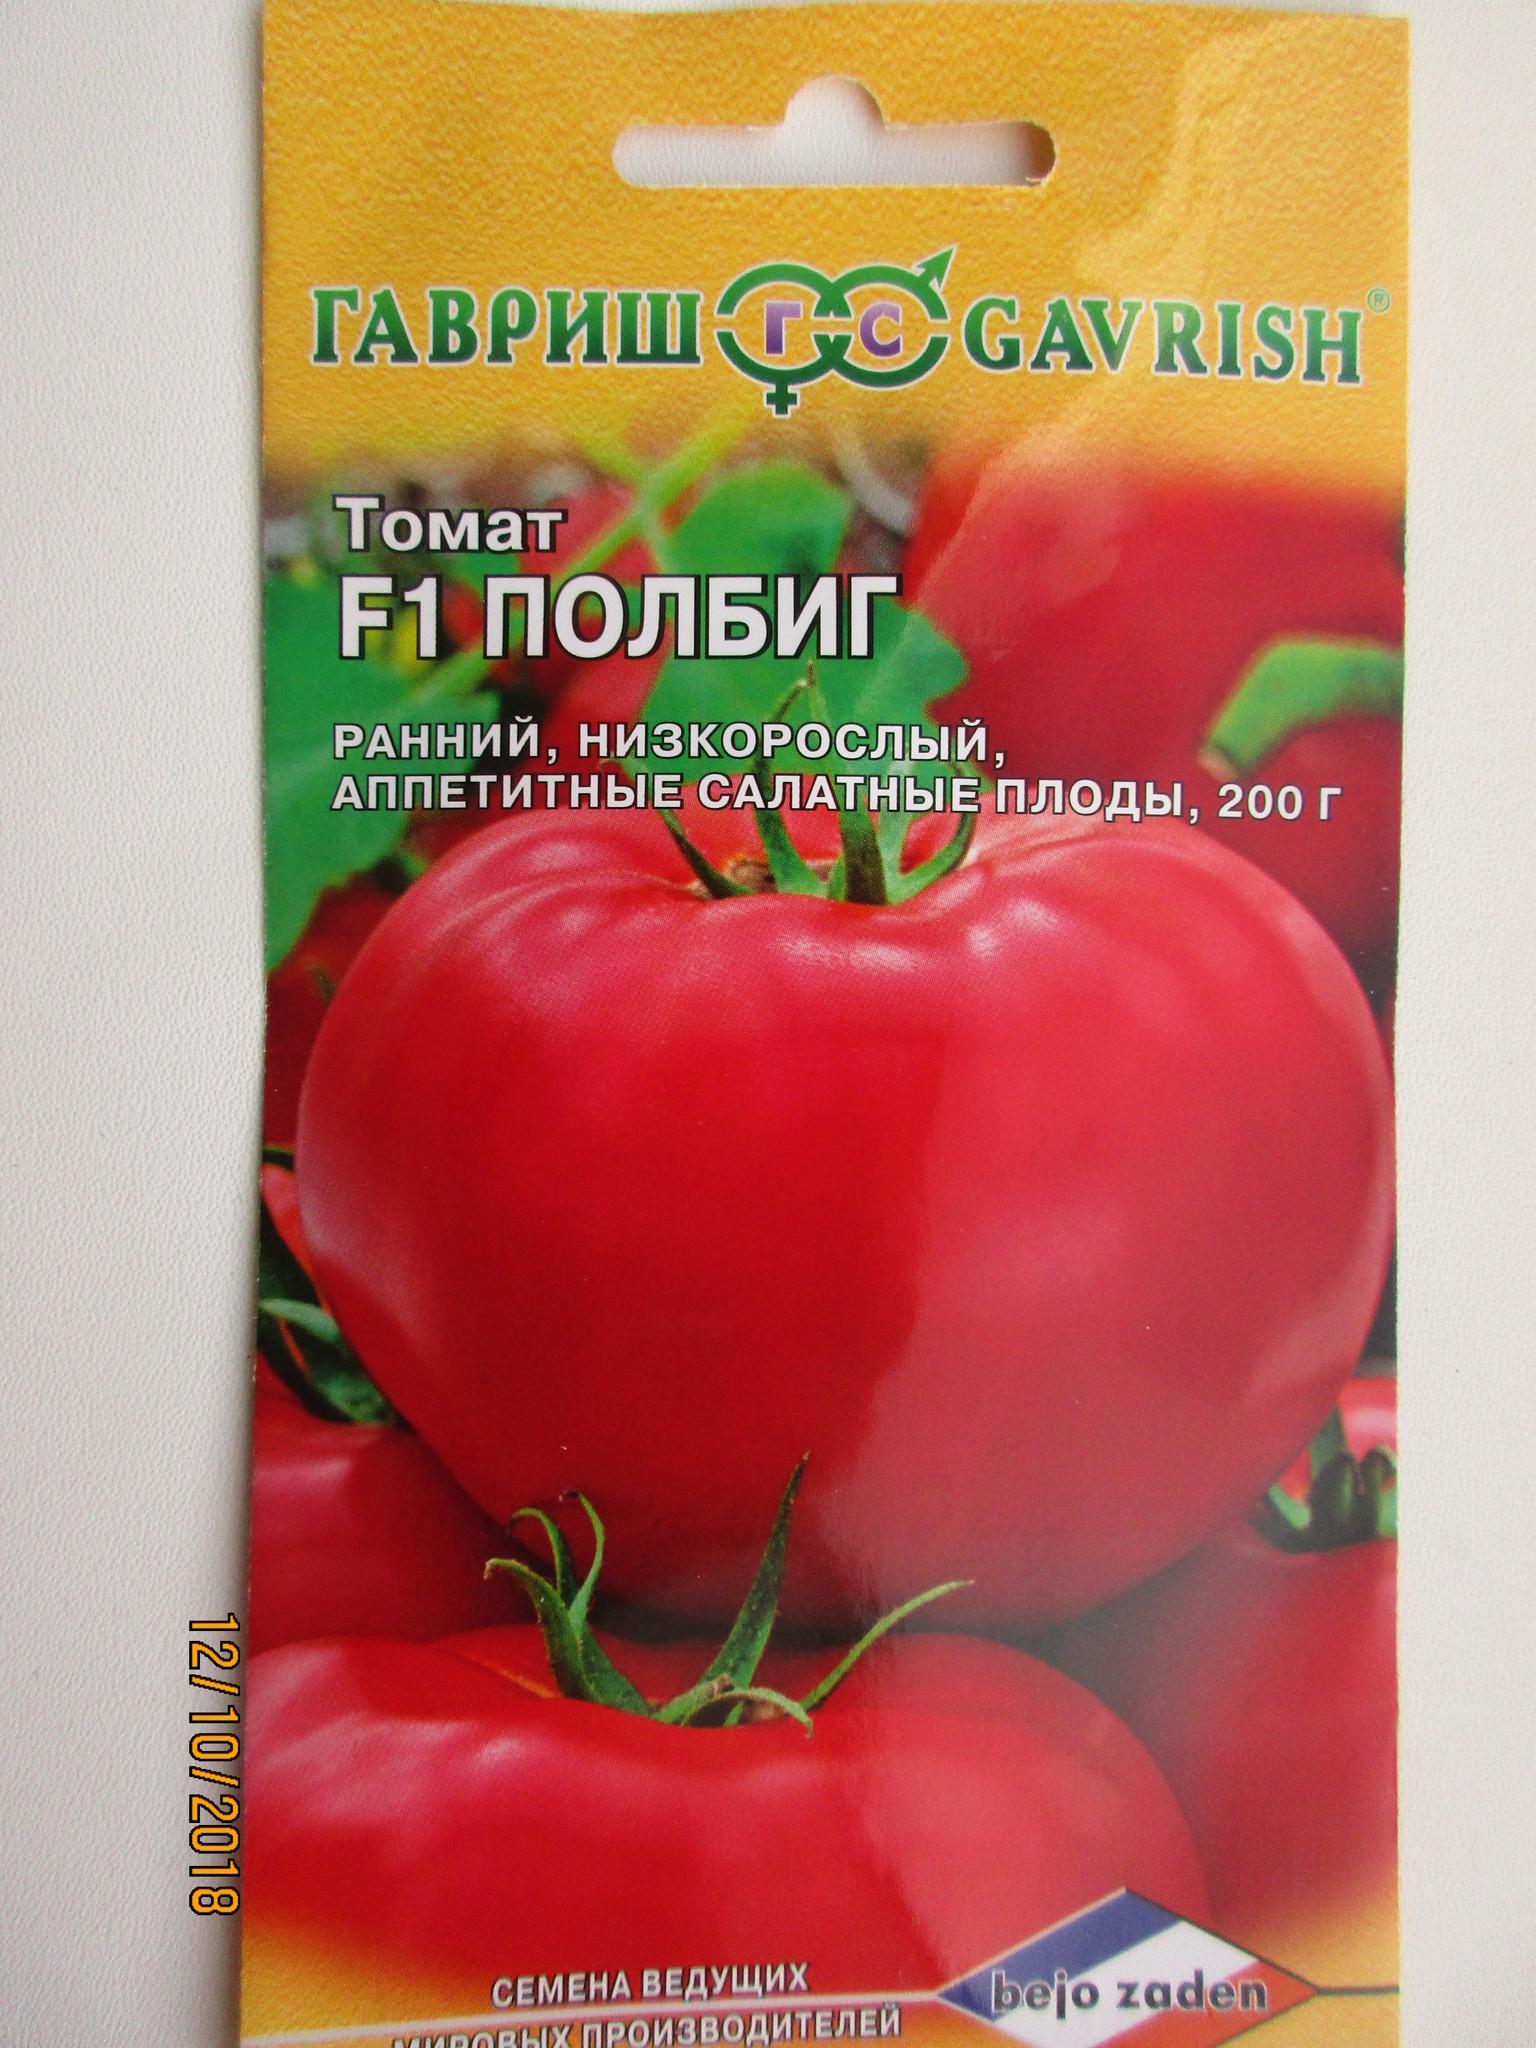 Томат - полбиг f1: описание сорта, фото, отзывы